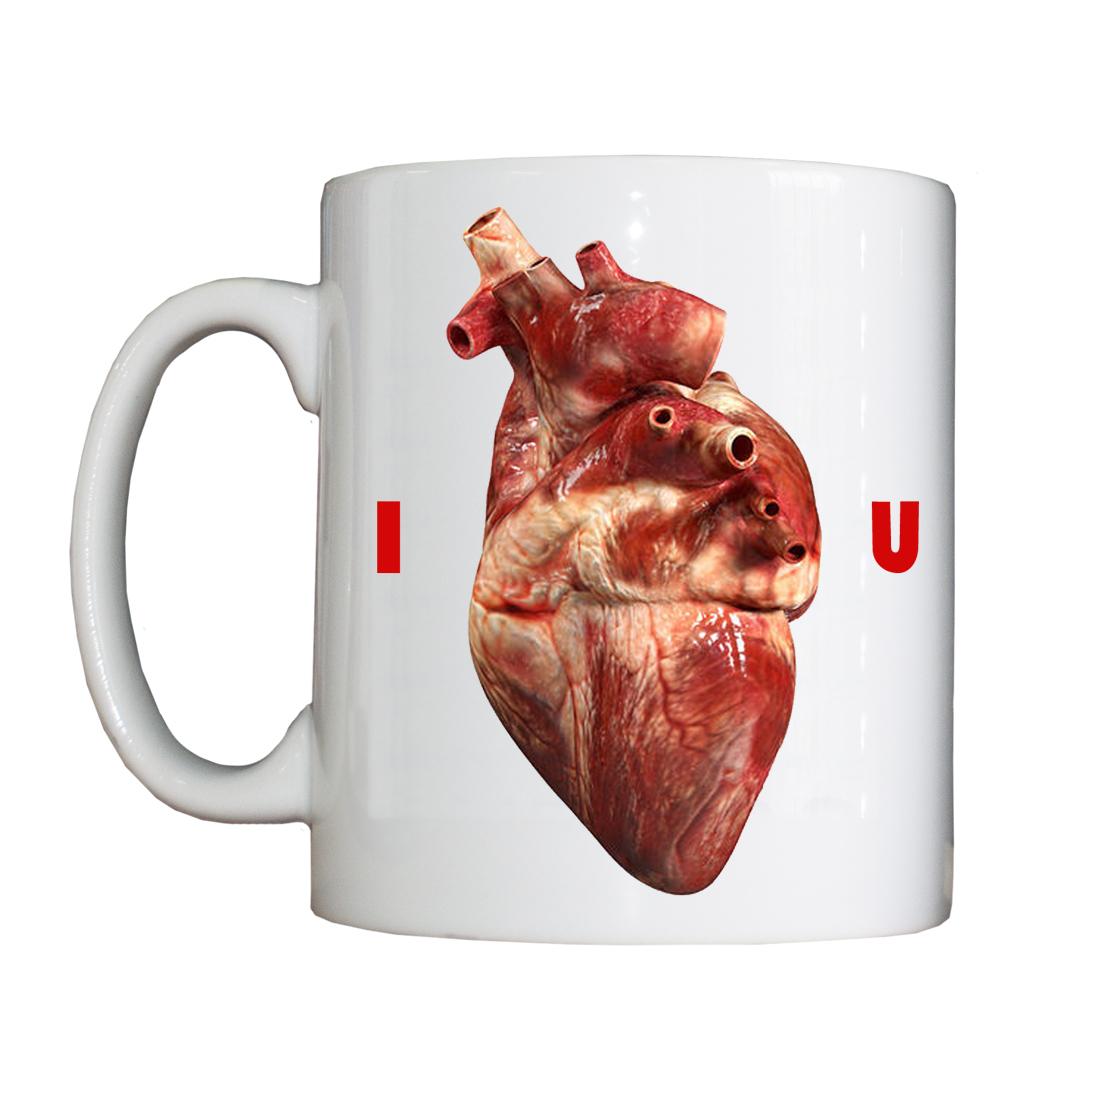 Personalised 'I 'Heart' U' Valentine's Drinking Vessel ValentineVessel